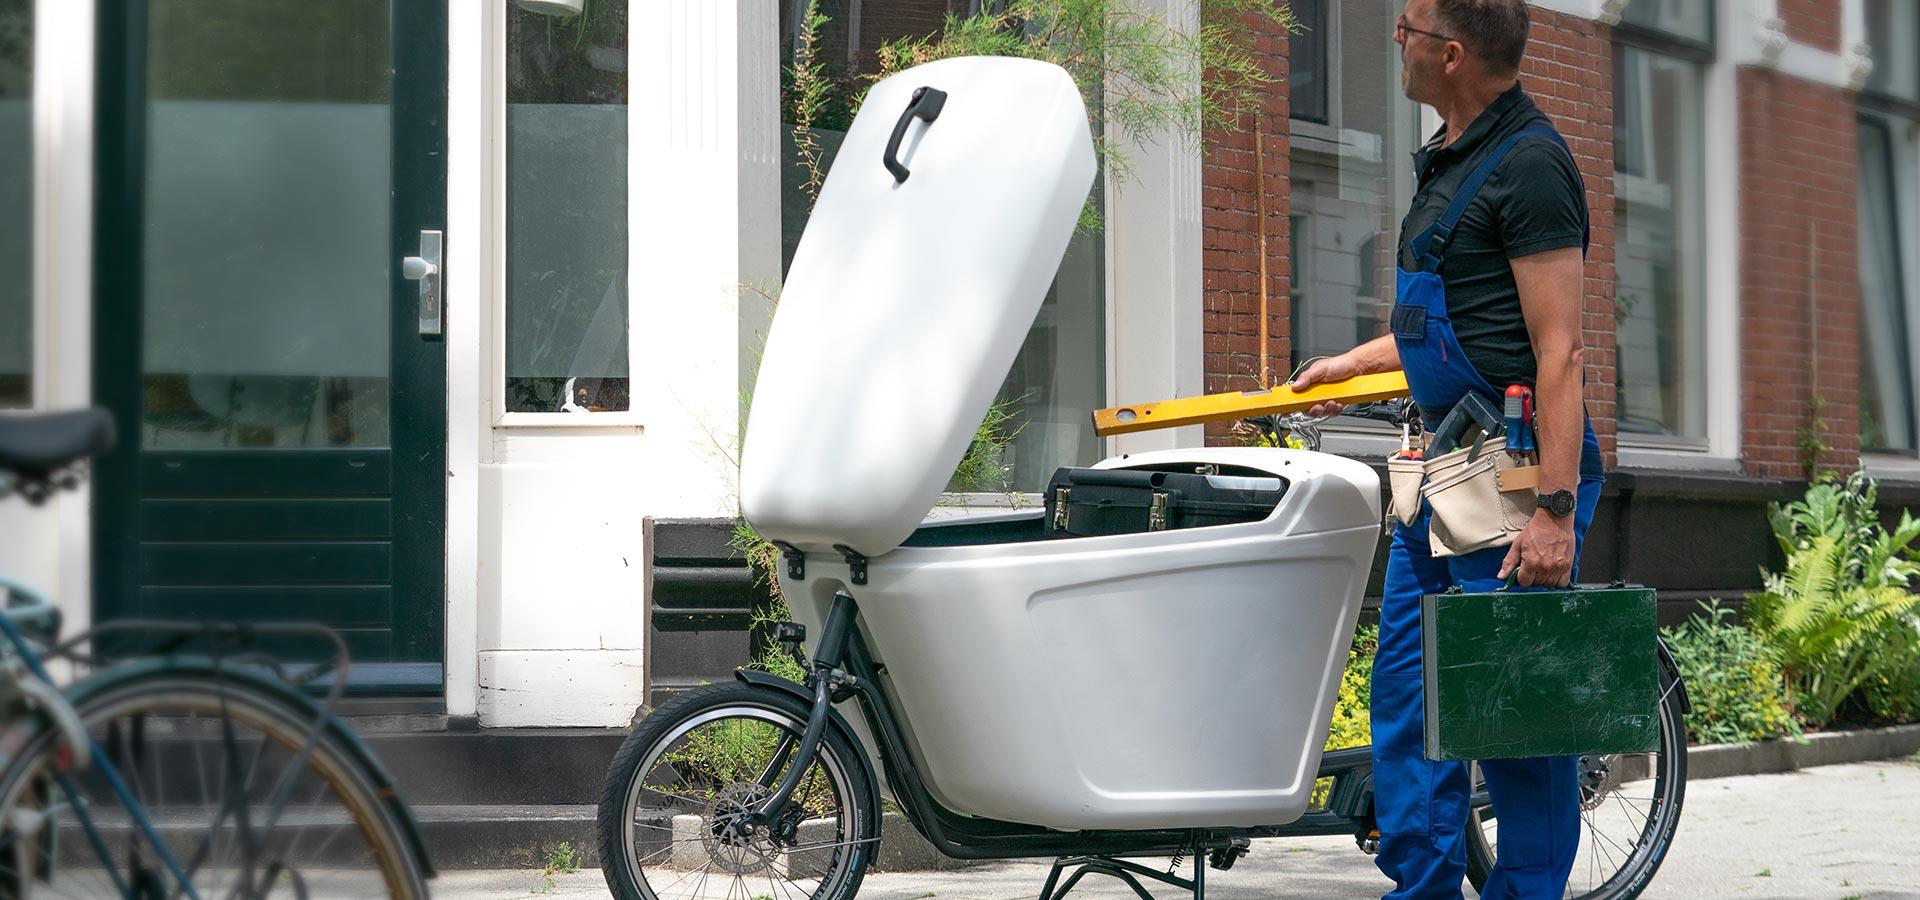 biporteur cargo